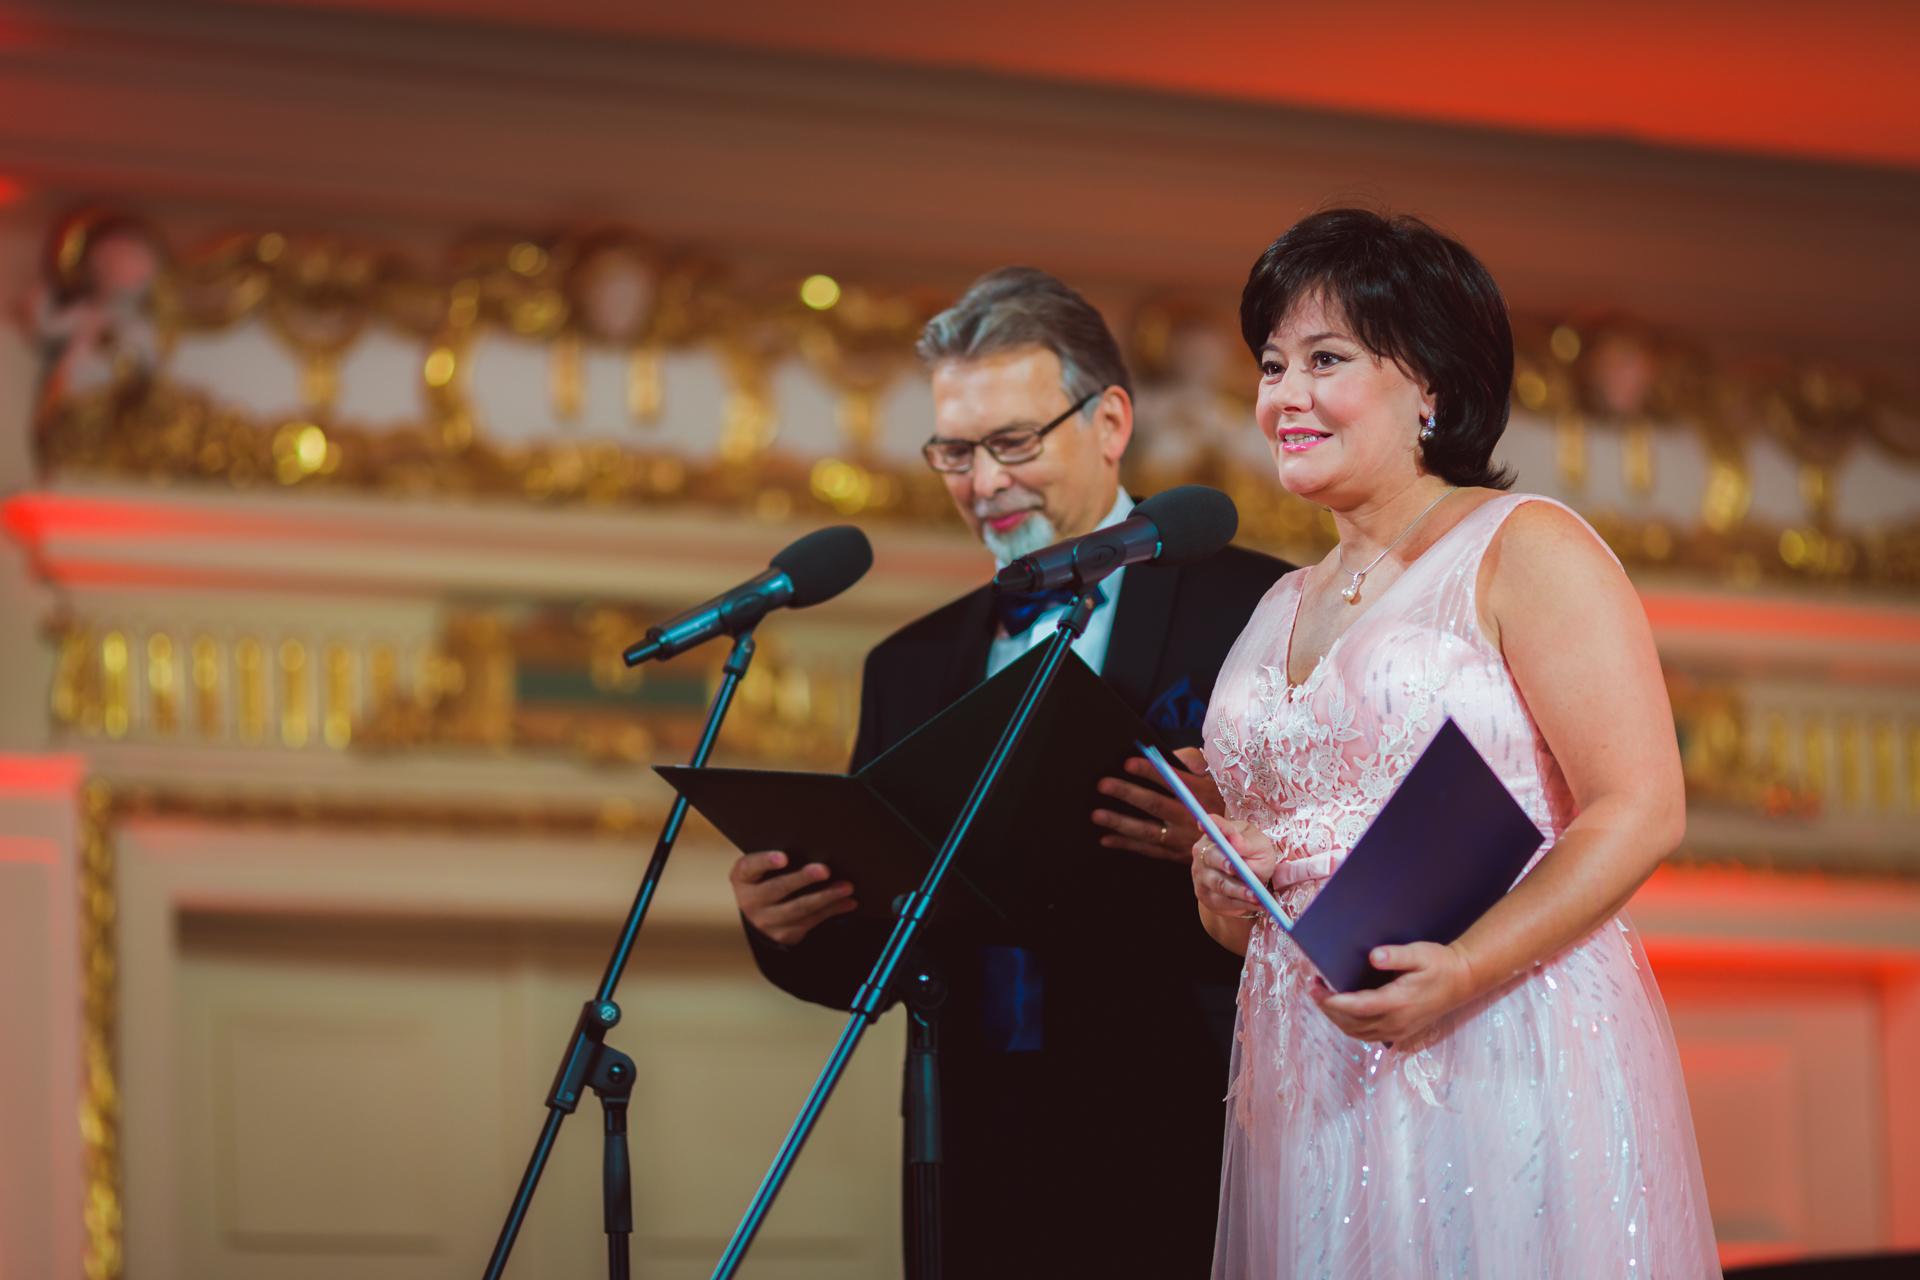 Monika Stachurska i Krzysztof Szaniecki - prowadzący przesłuchania konkursowe.